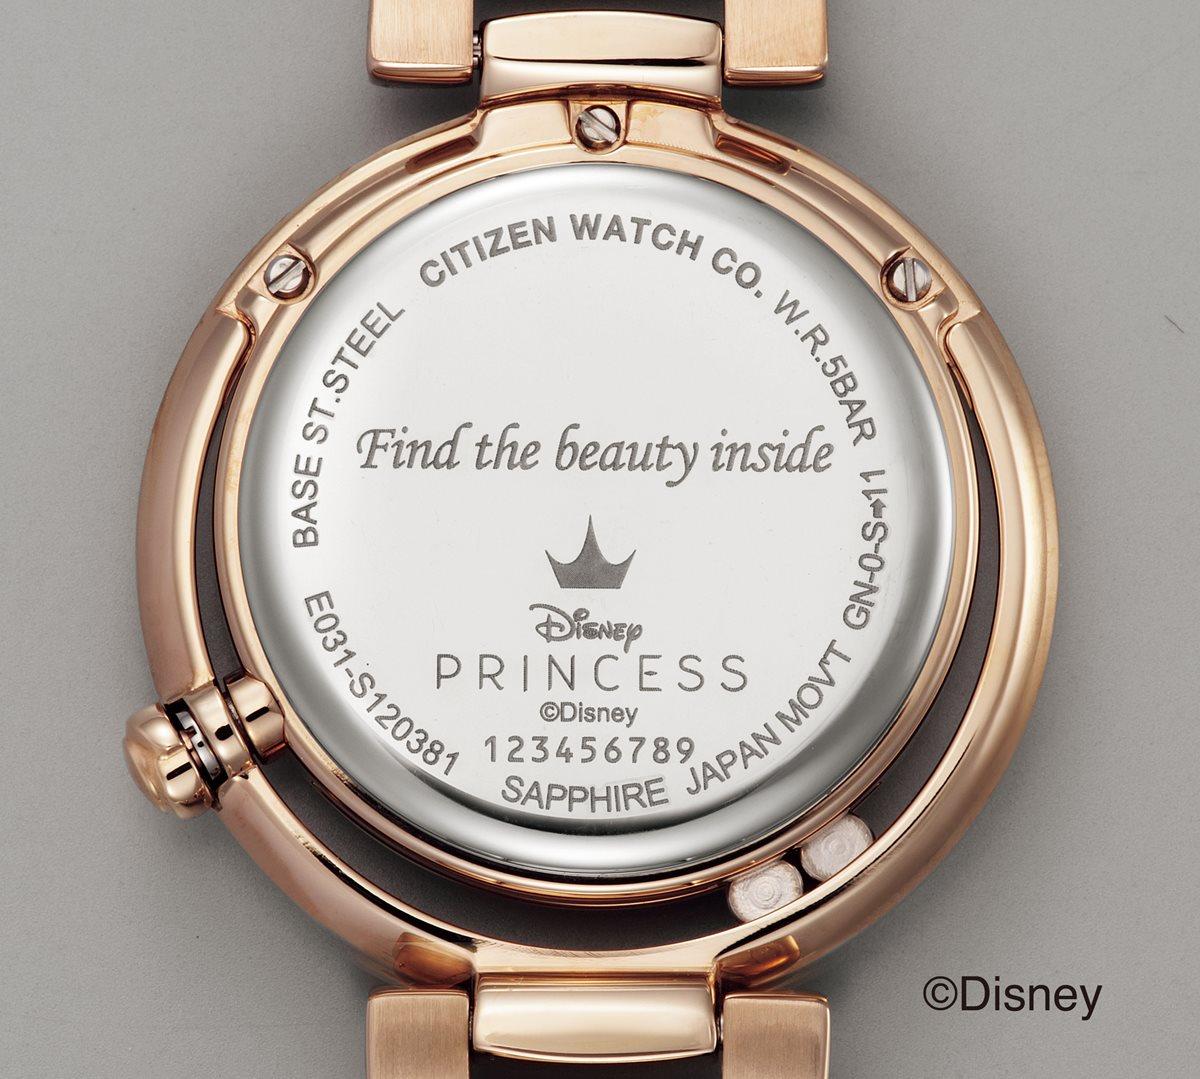 シチズン エル レディース エコドライブ PRINCESSシリーズ ベル 腕時計 Beauty & The Beast BELLE EM0823-58D